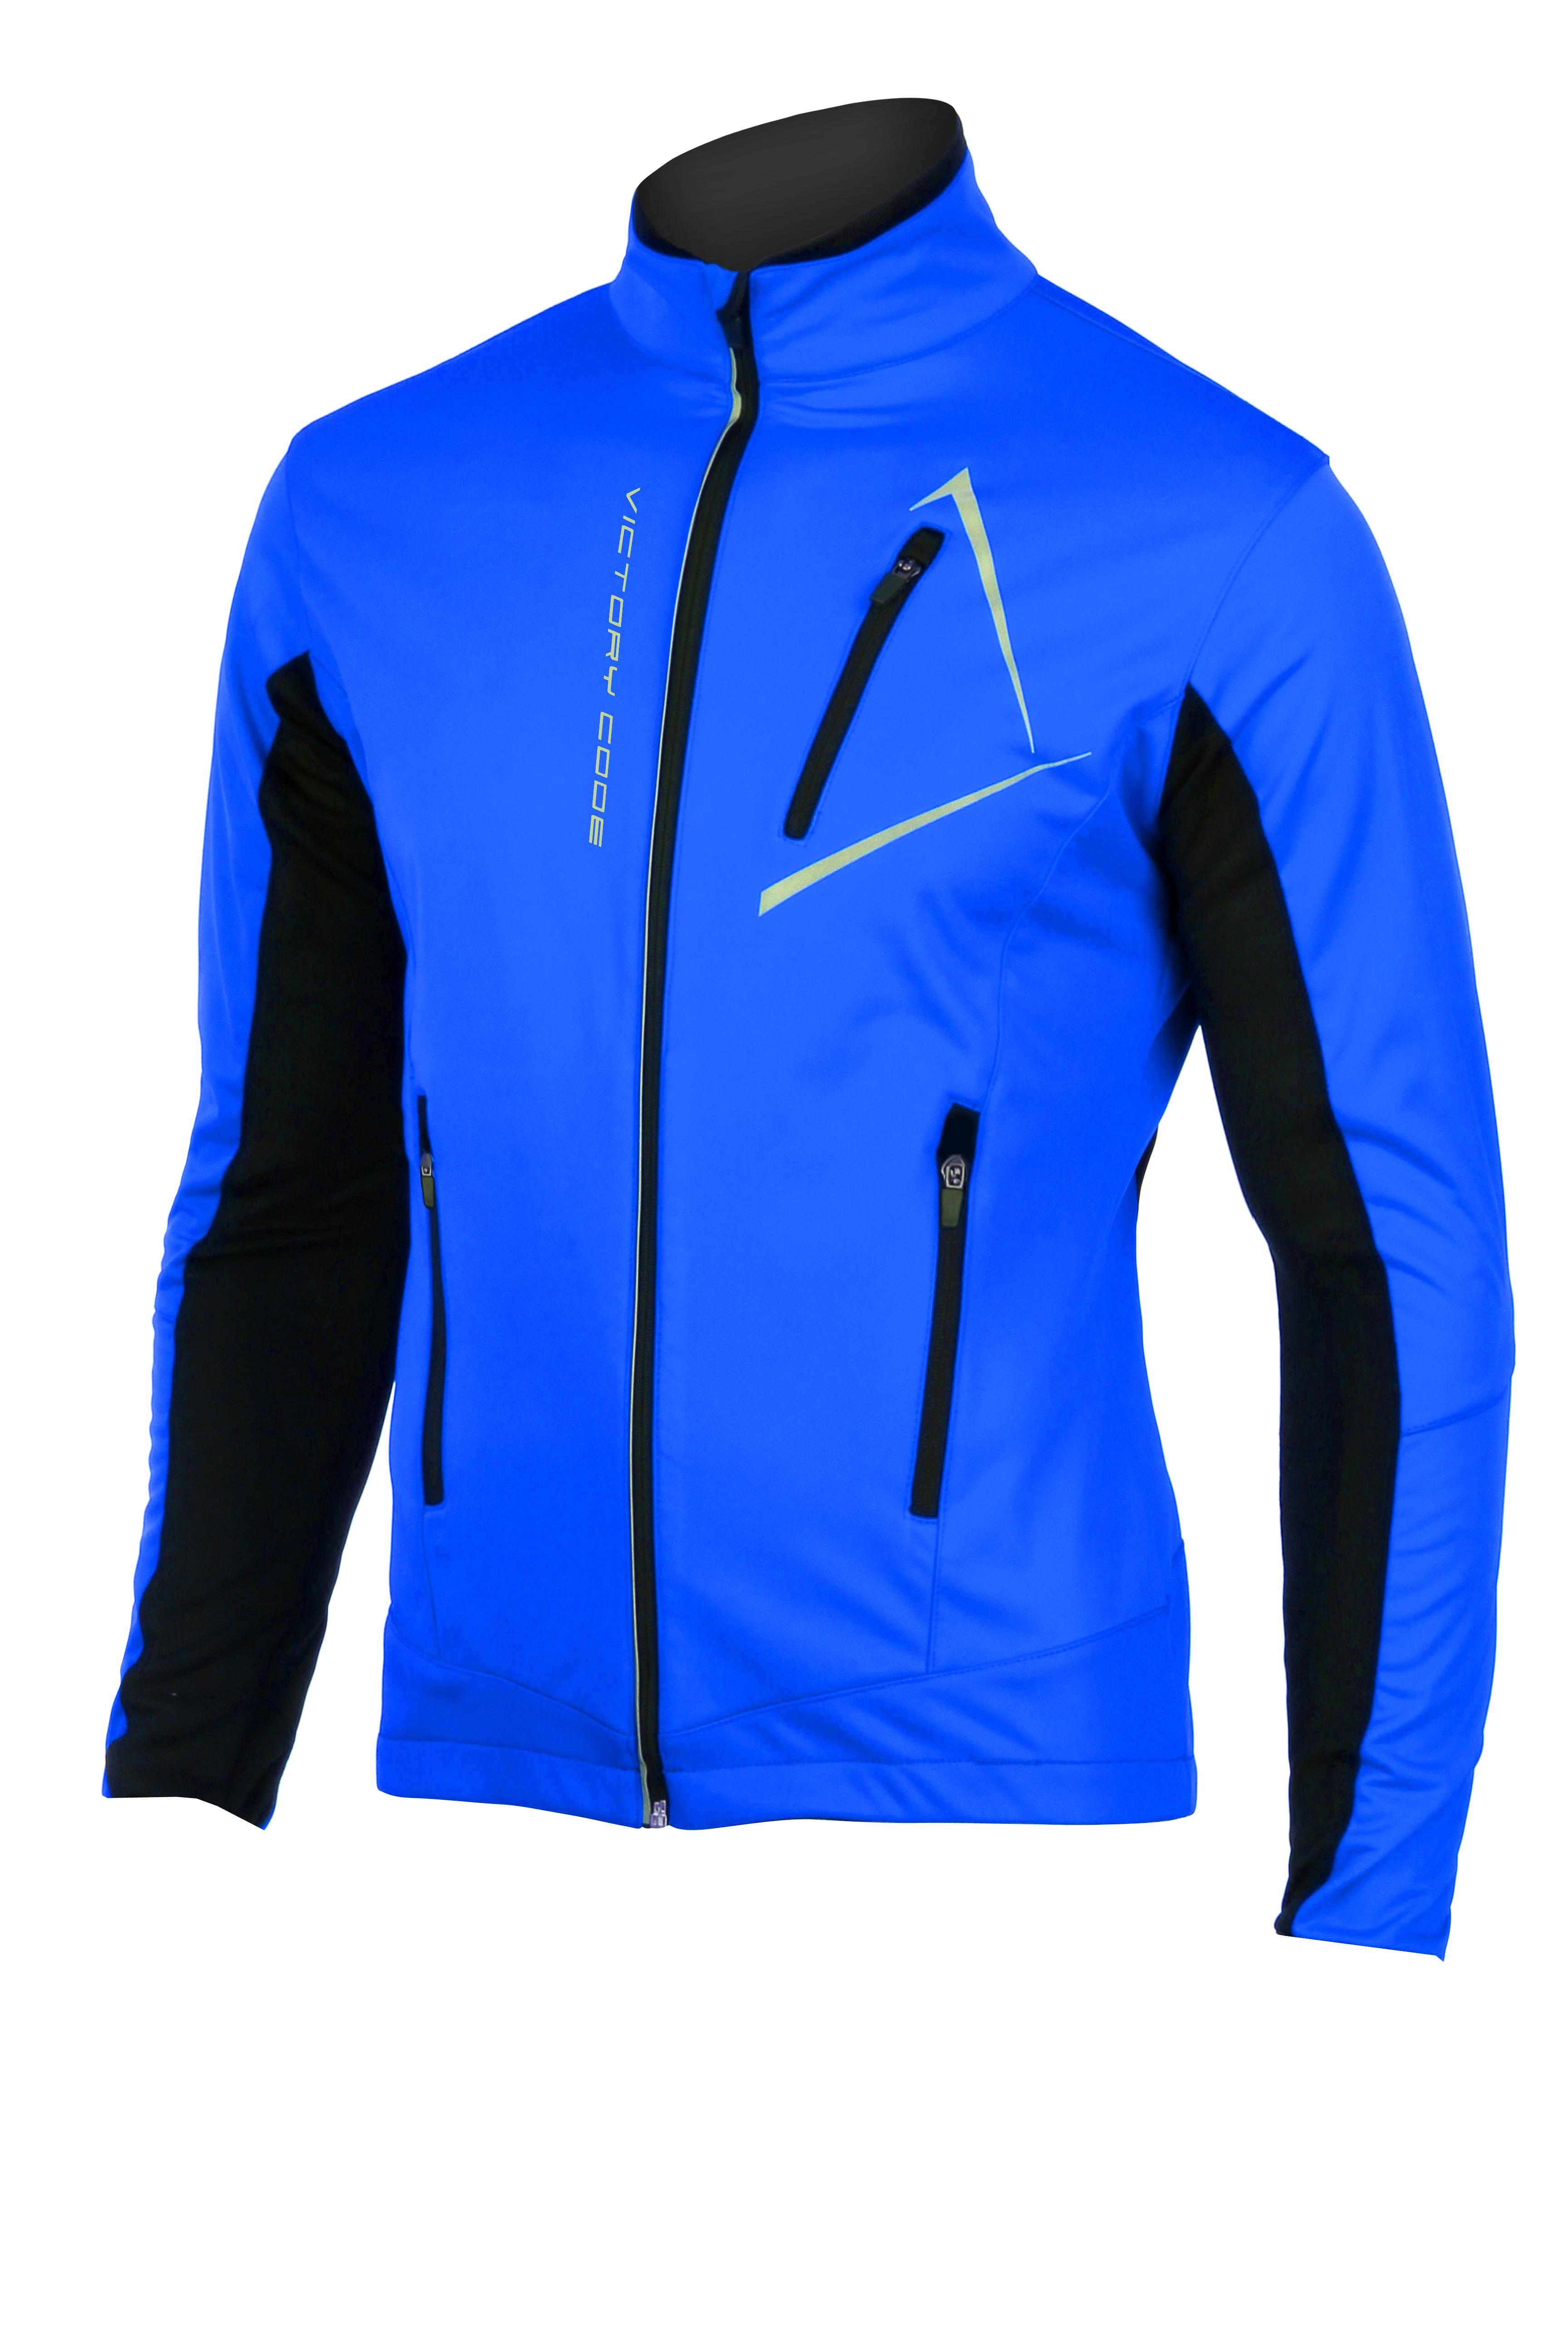 905 jacket blue front